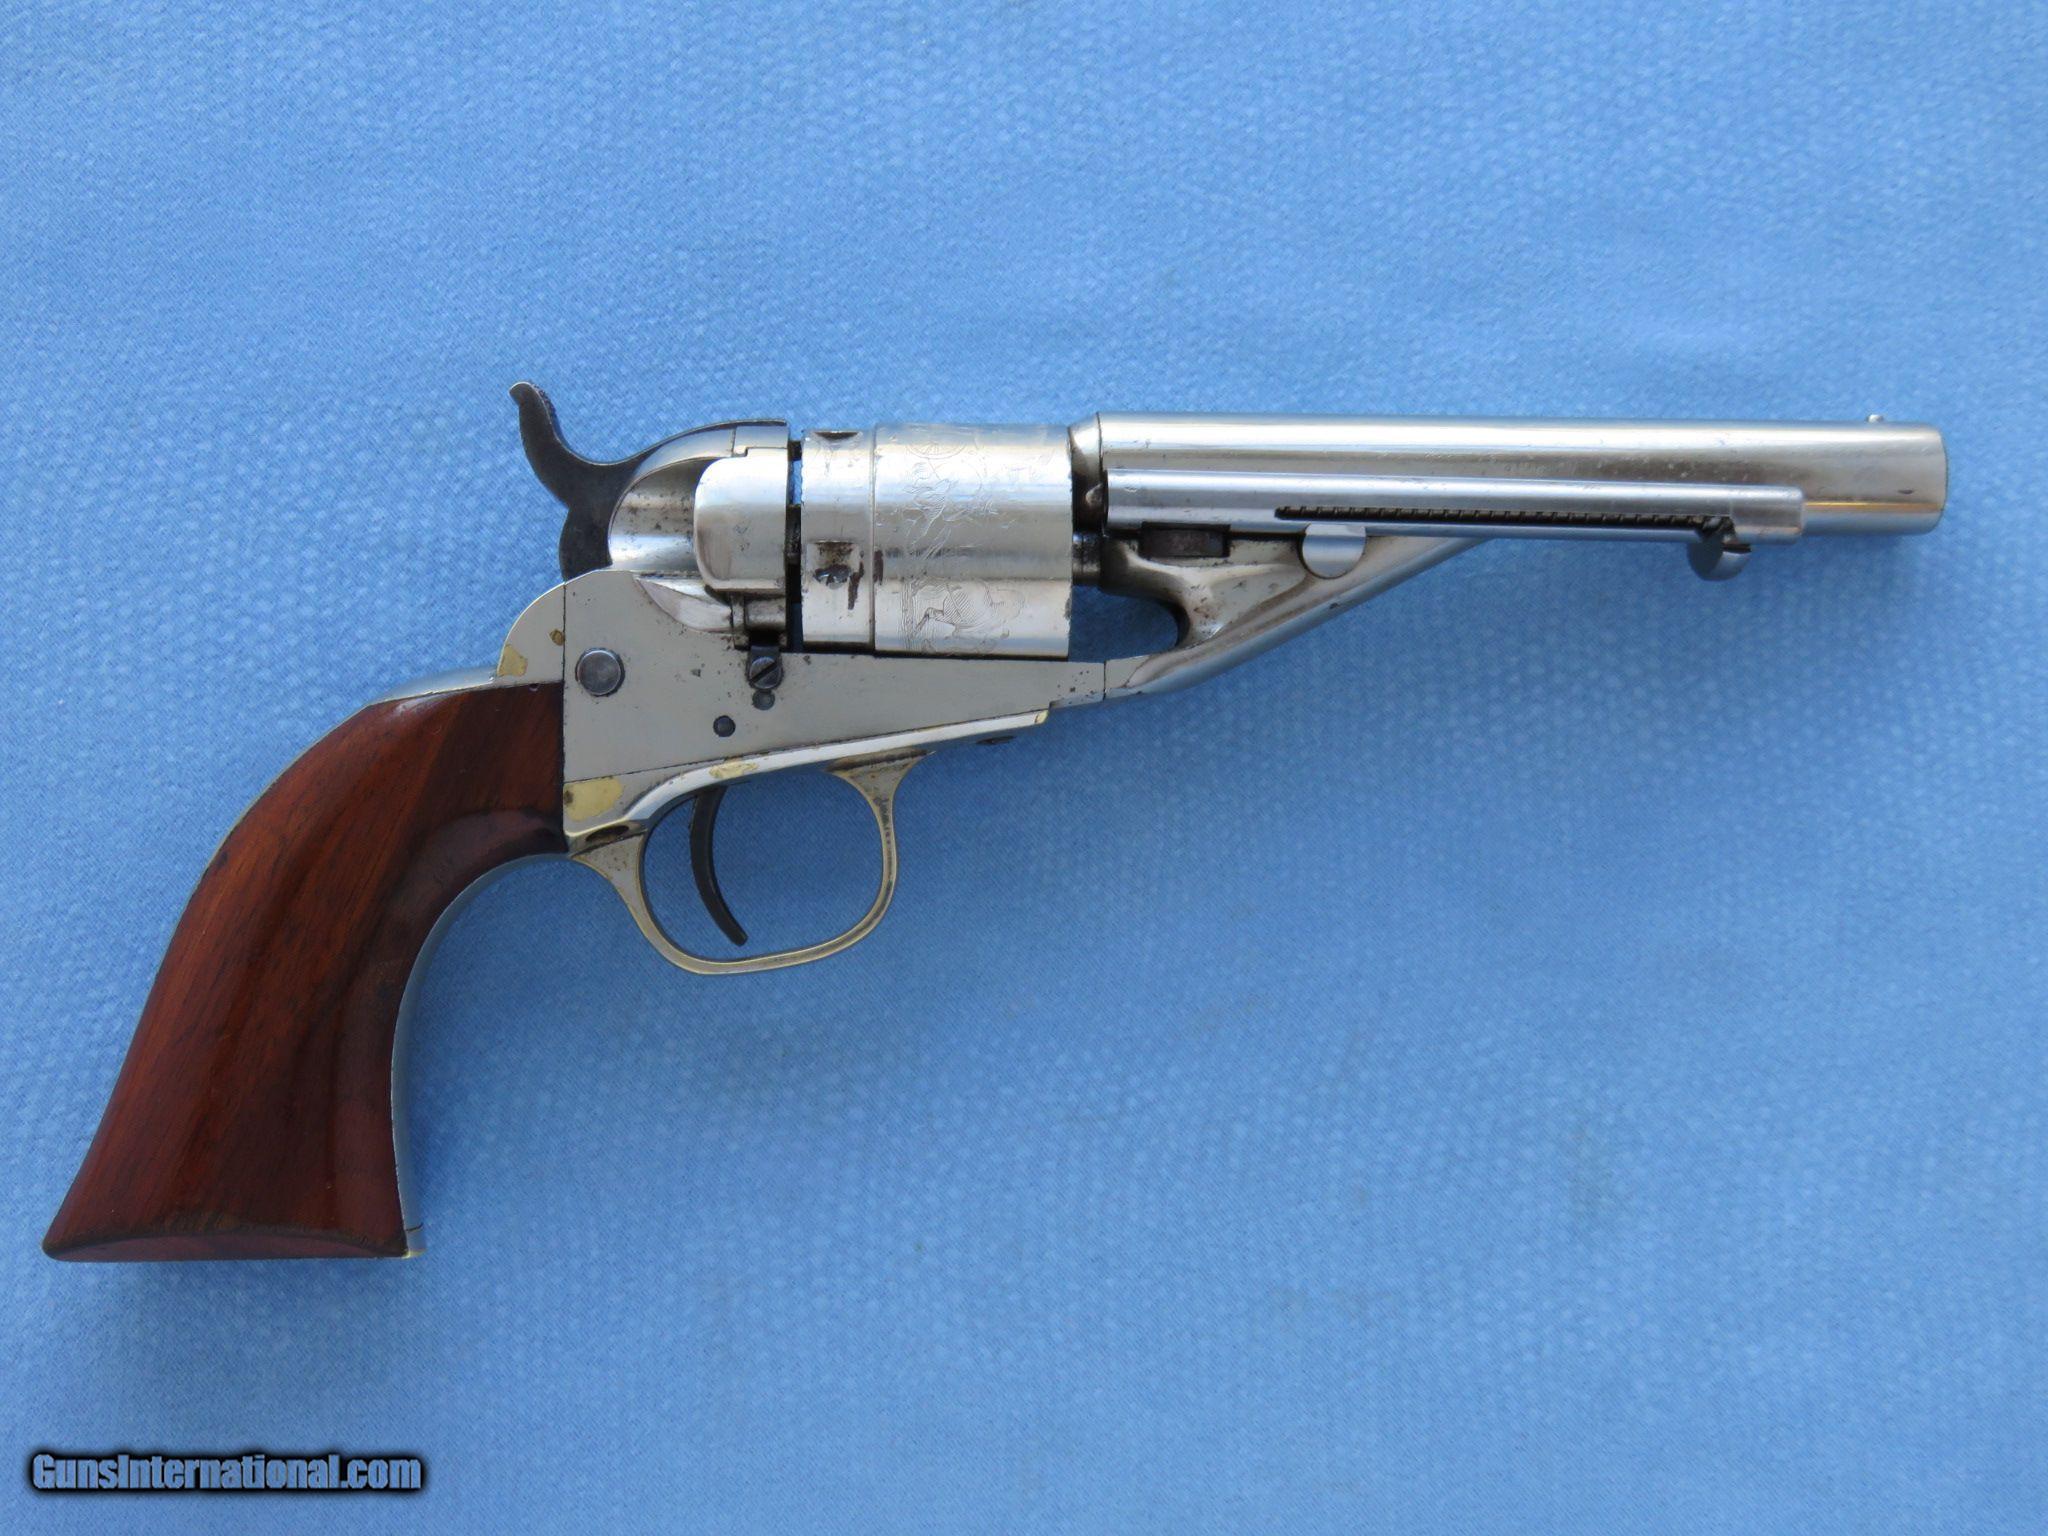 Colt New Model Breech Loading Police Pistol Type 2 Chambered